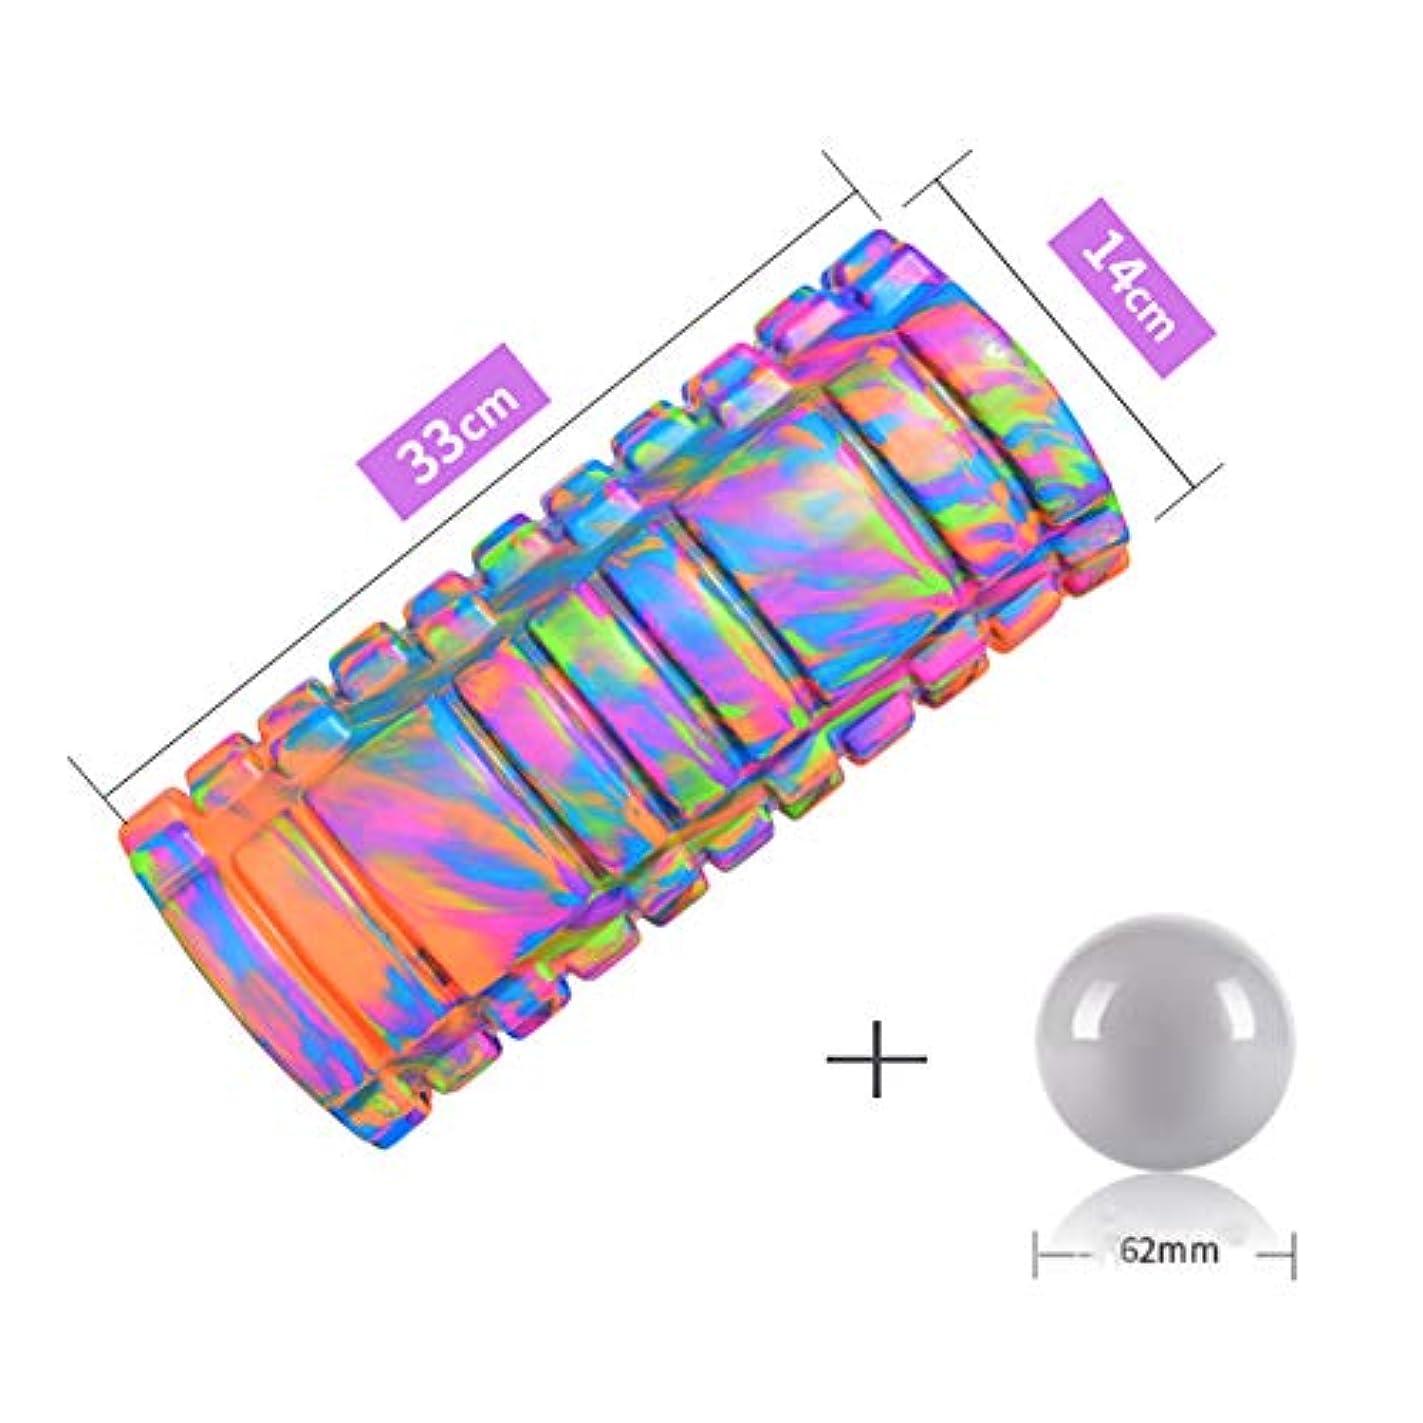 無許可セール適切にフォームローラー 2-in-1強力フォームローラーとマッサージボール中密度のティッシュペーパーで筋肉マッサージと筋筋膜のトリガーポイントを解除,Purple